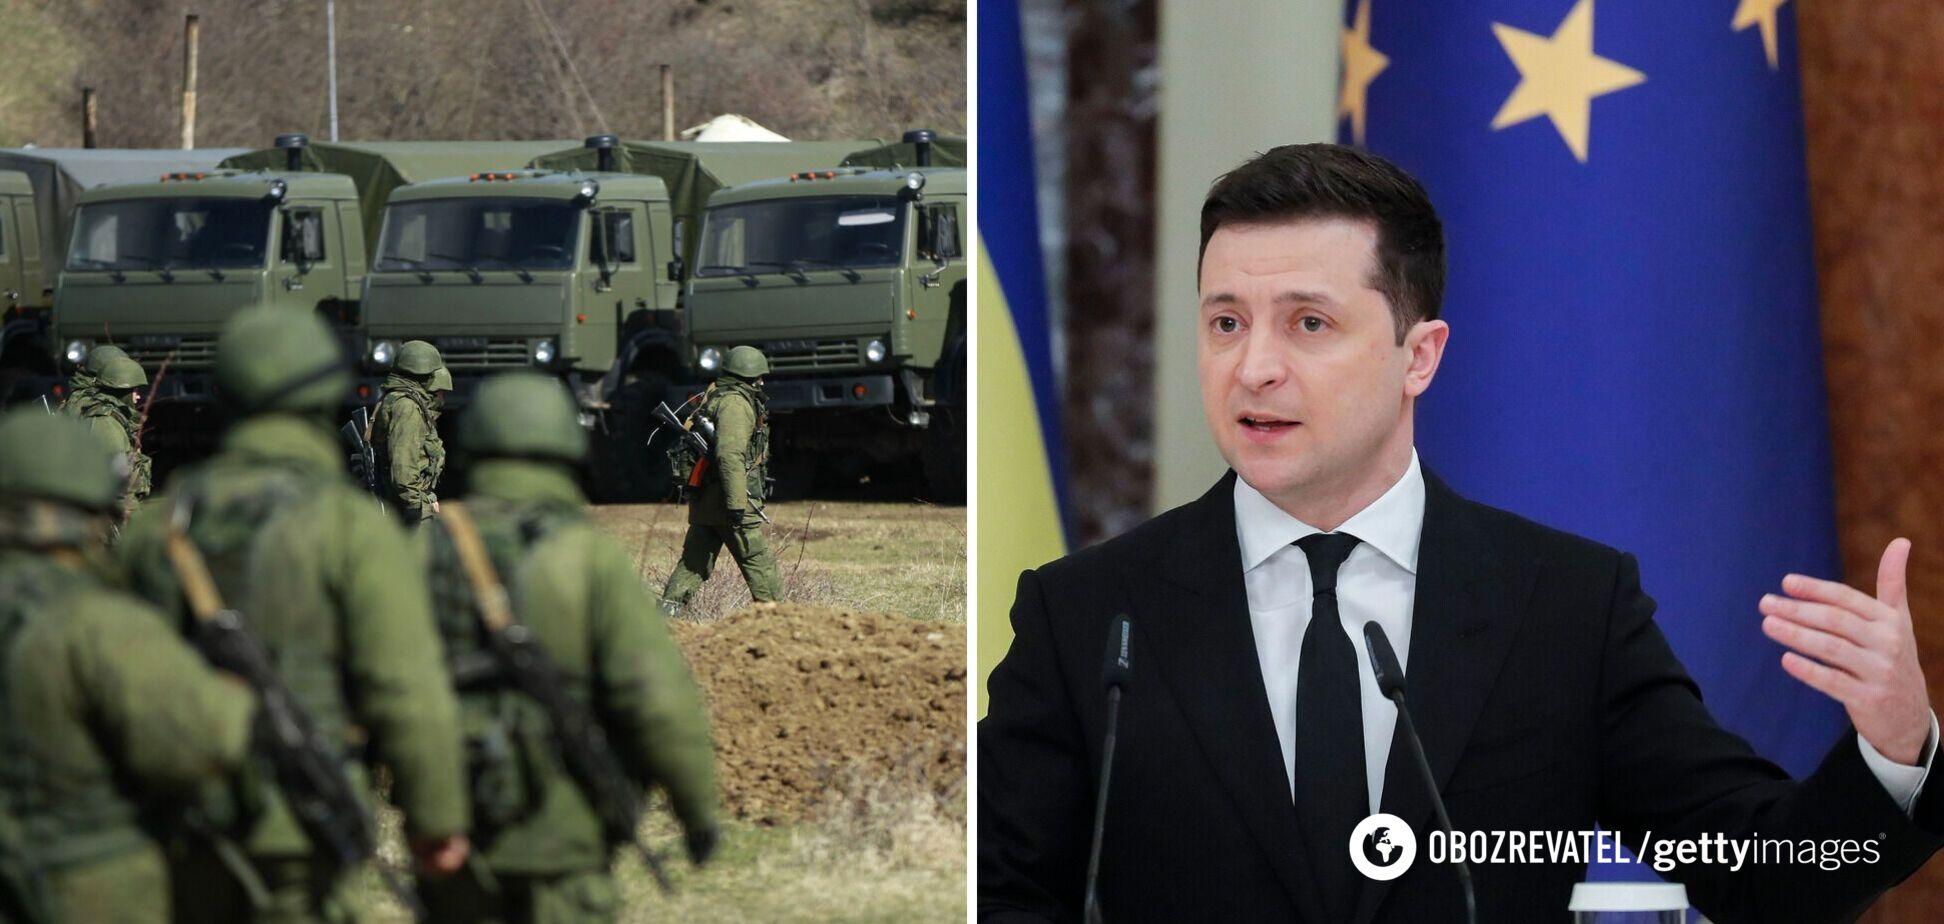 Росія відвела тільки 3,5 тис. військових від України, загроза зберігається, – Зеленський